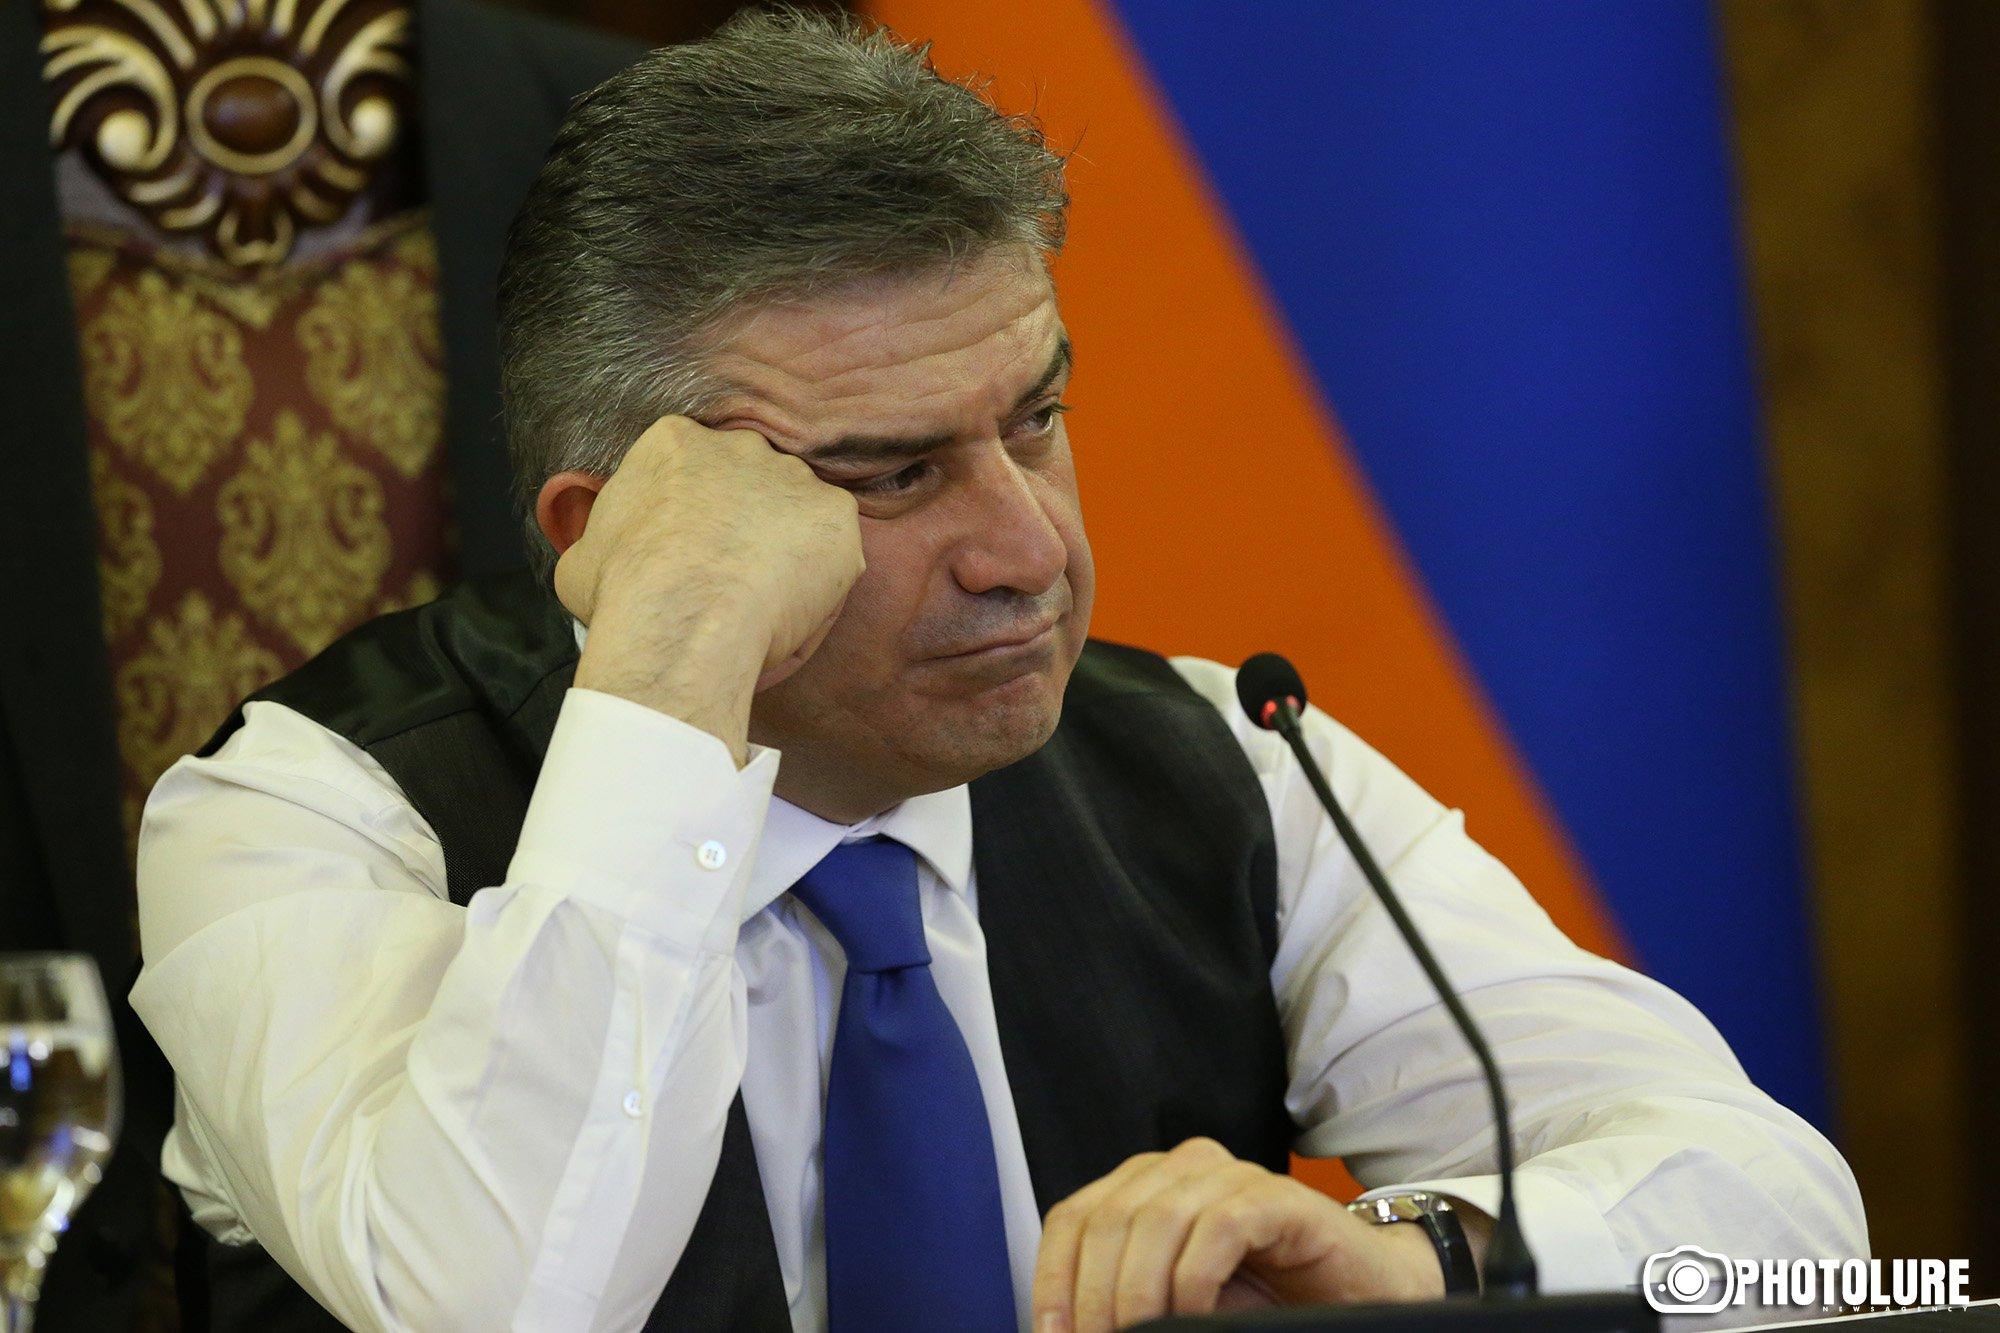 ՀՀ կառավարությունը Հայաստանի պետական պարտքը ավելացնում է ևս 50 մլն դոլարով․ «Ժողովուրդ»